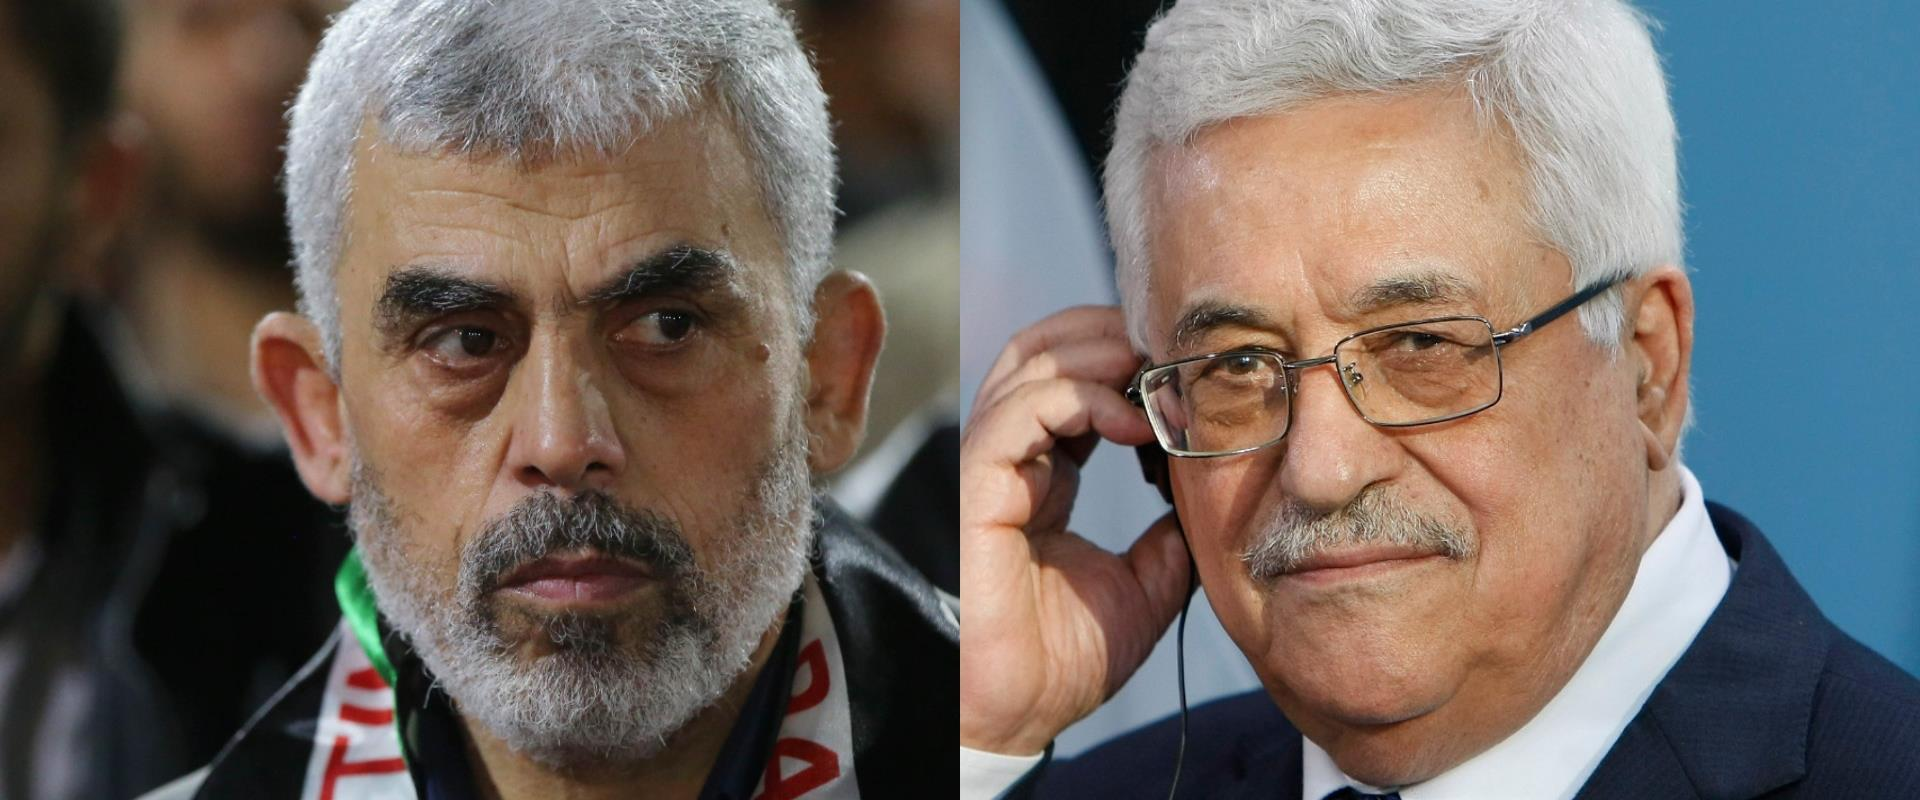 """יו""""ר הרשות הפלסטינית אבו מאזן (מימין), ומנהיג חמאס"""